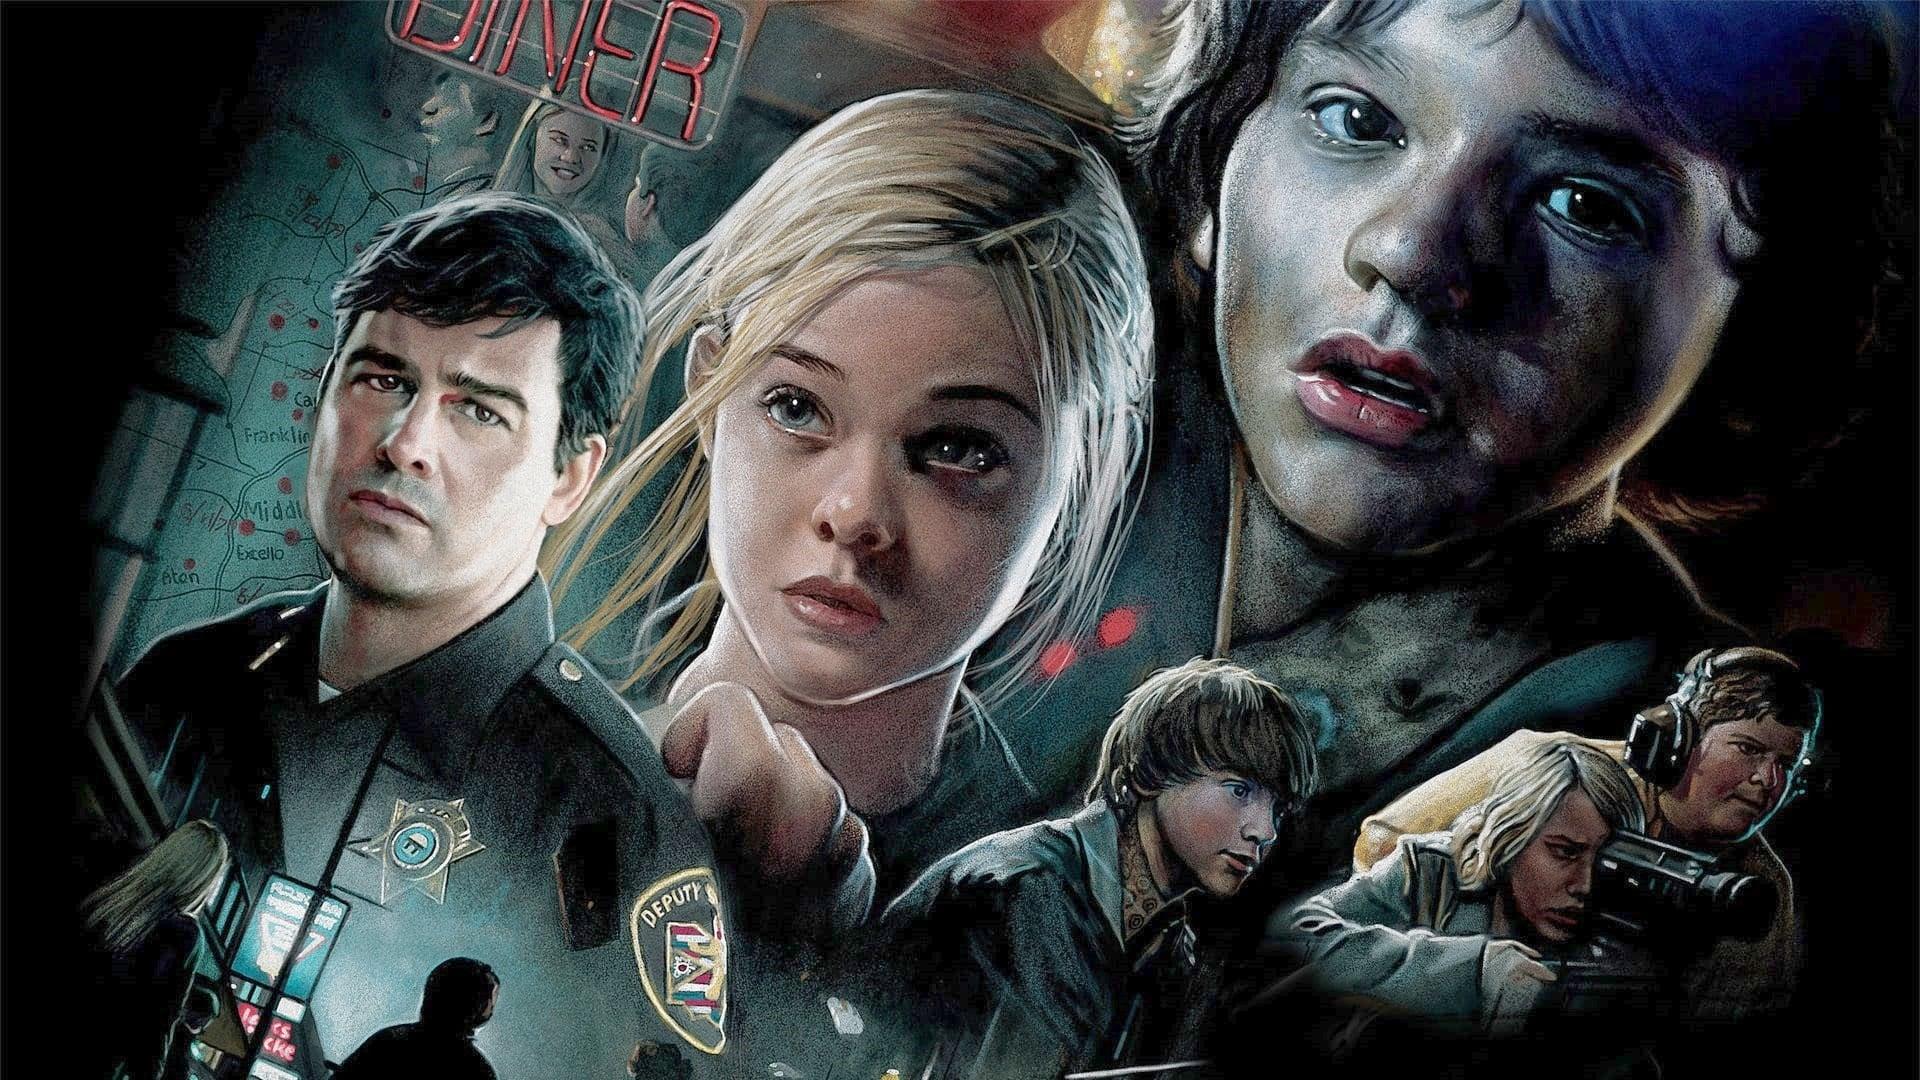 Super 8 2011 Movie